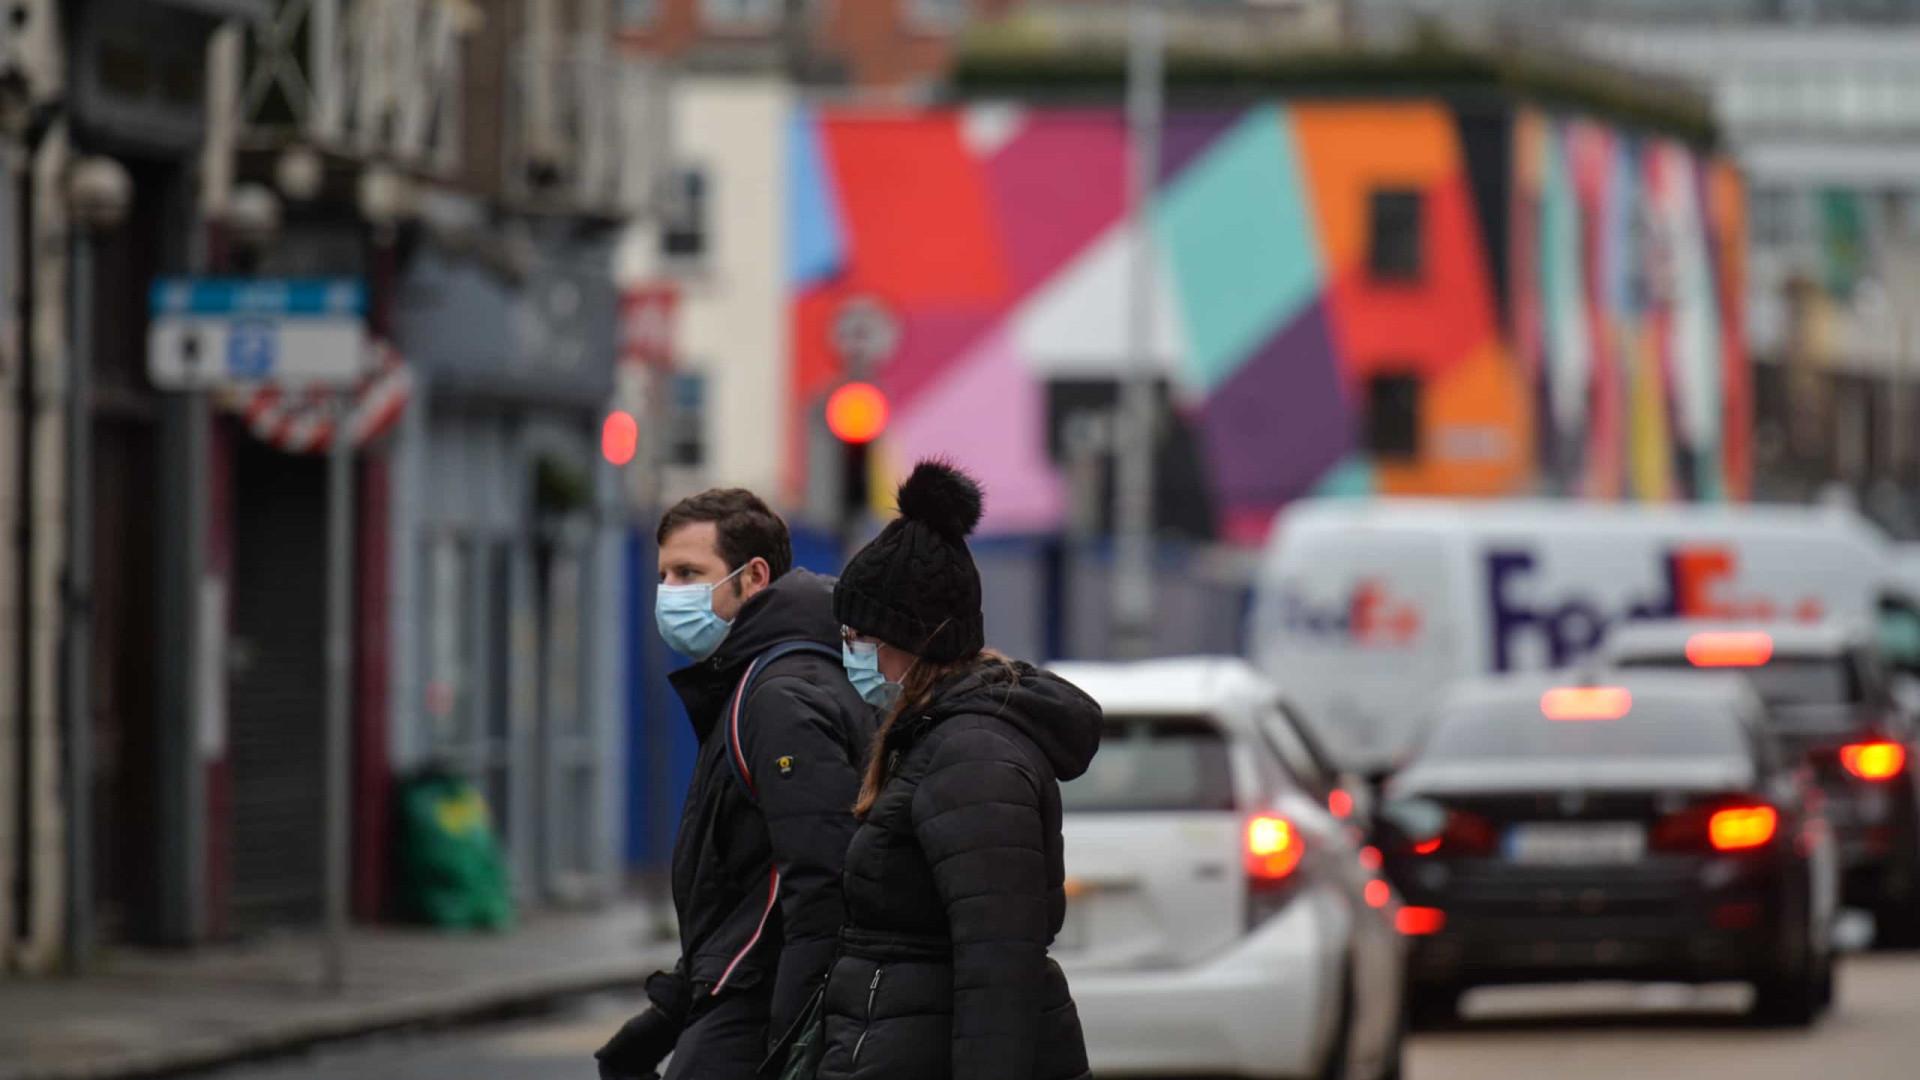 AO MINUTO: Irlanda aplica travão; Vacinar abaixo dos 12 anos pode demorar